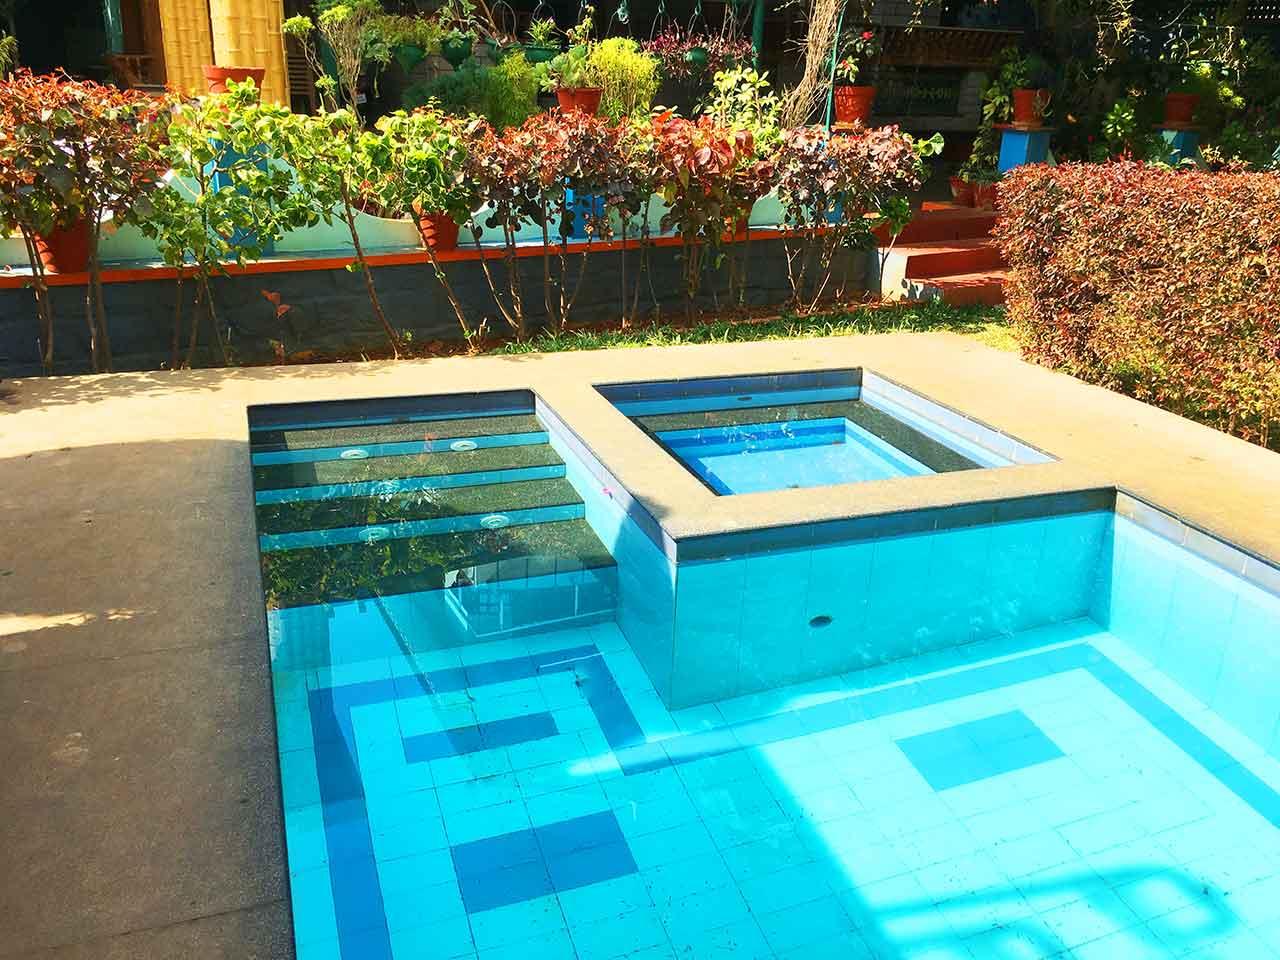 villa with swimming pool in yelagiri